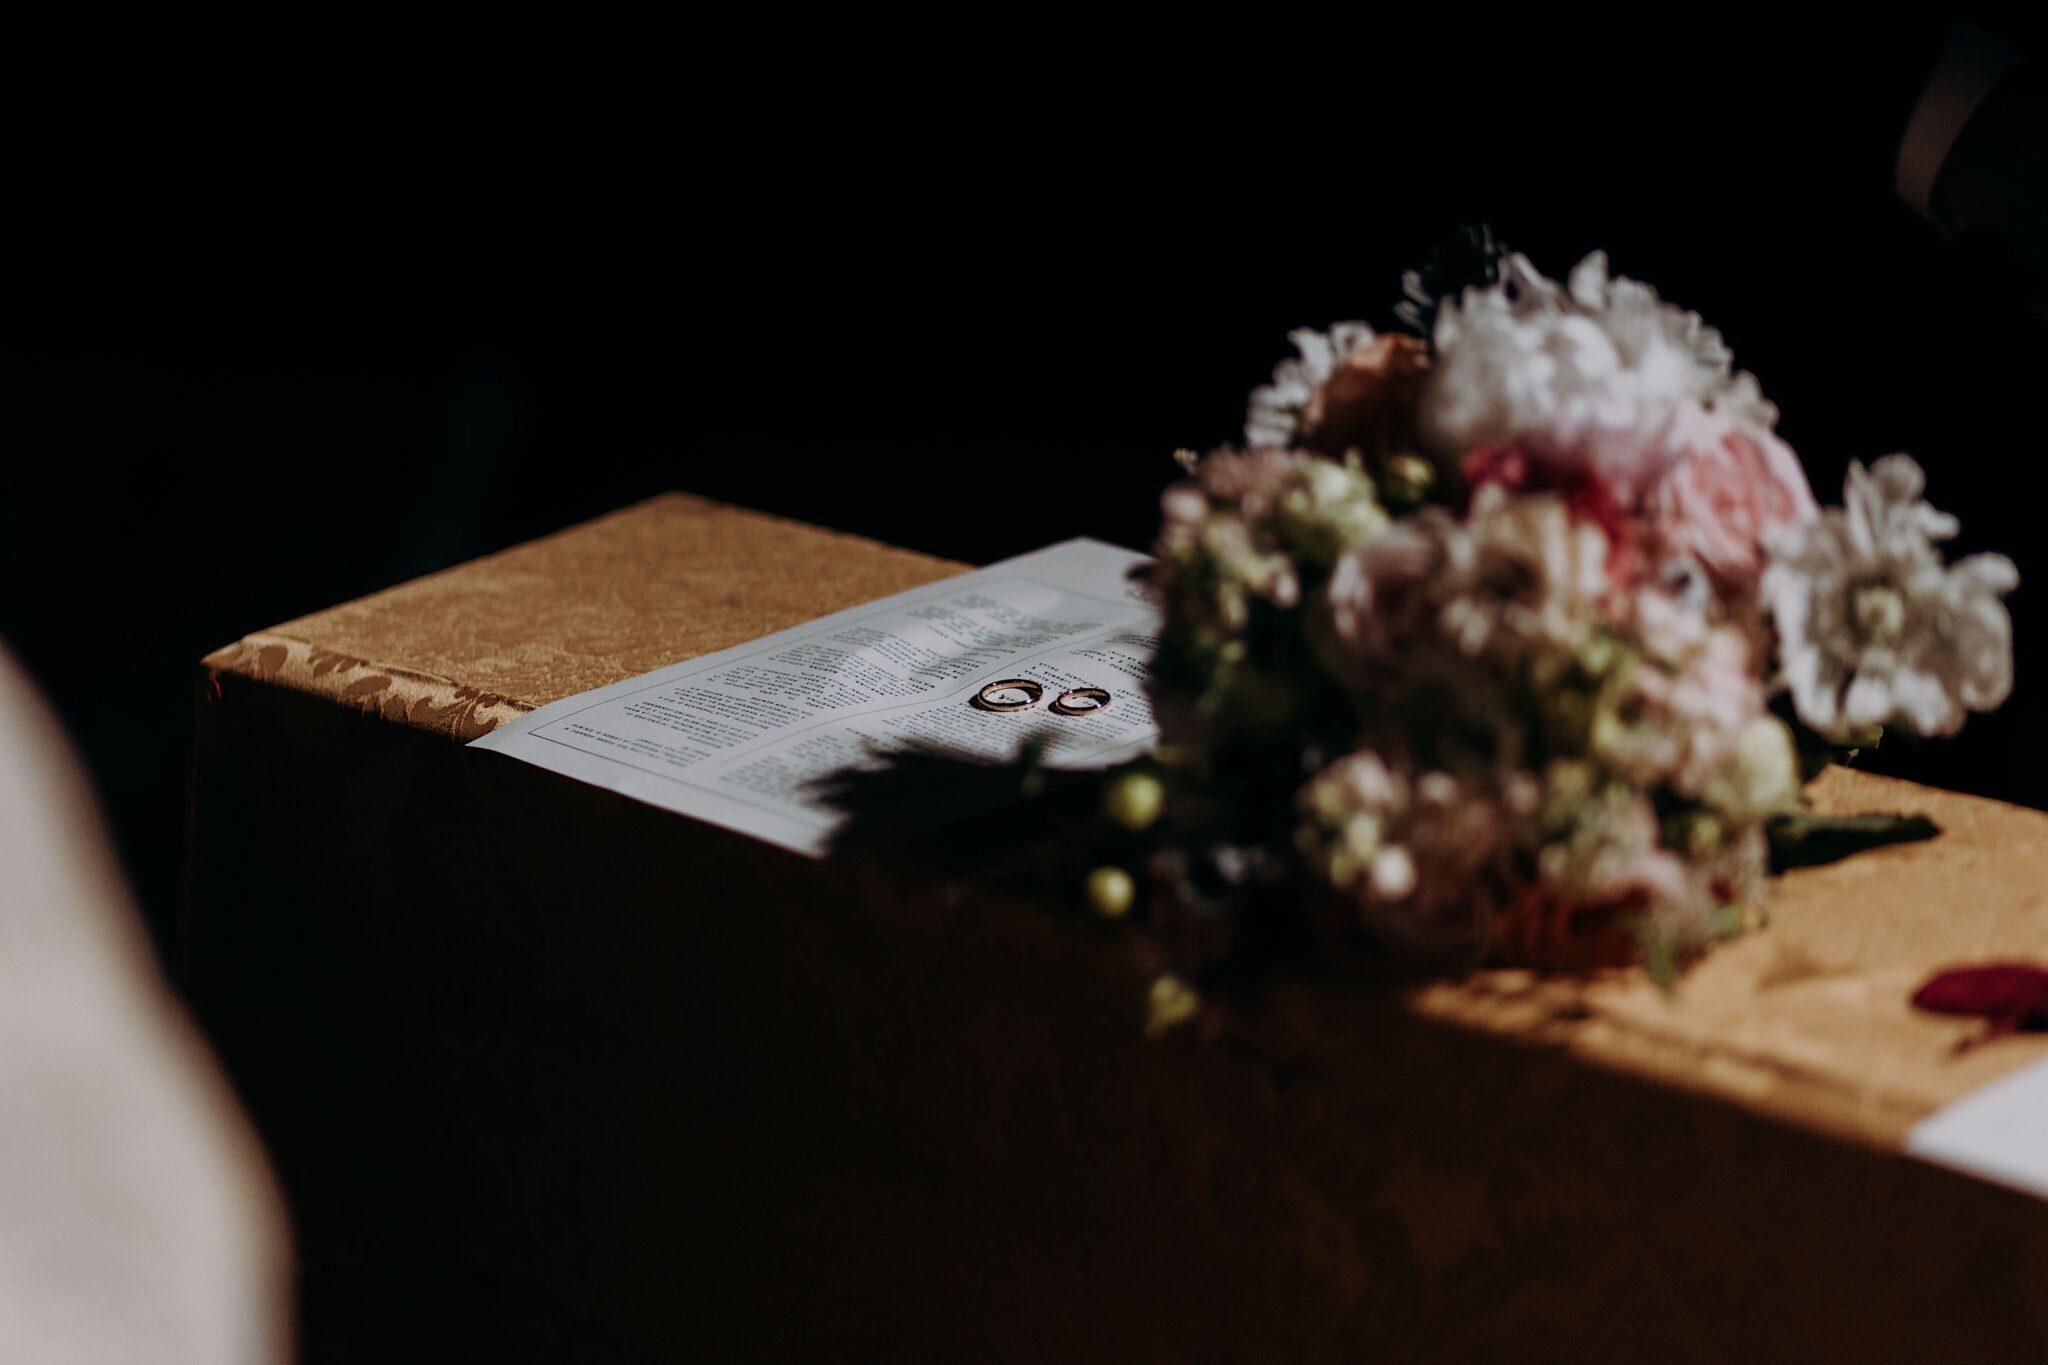 dettagli fiori nella chiesa di San Niccolò Sopr'Arno a Firenze